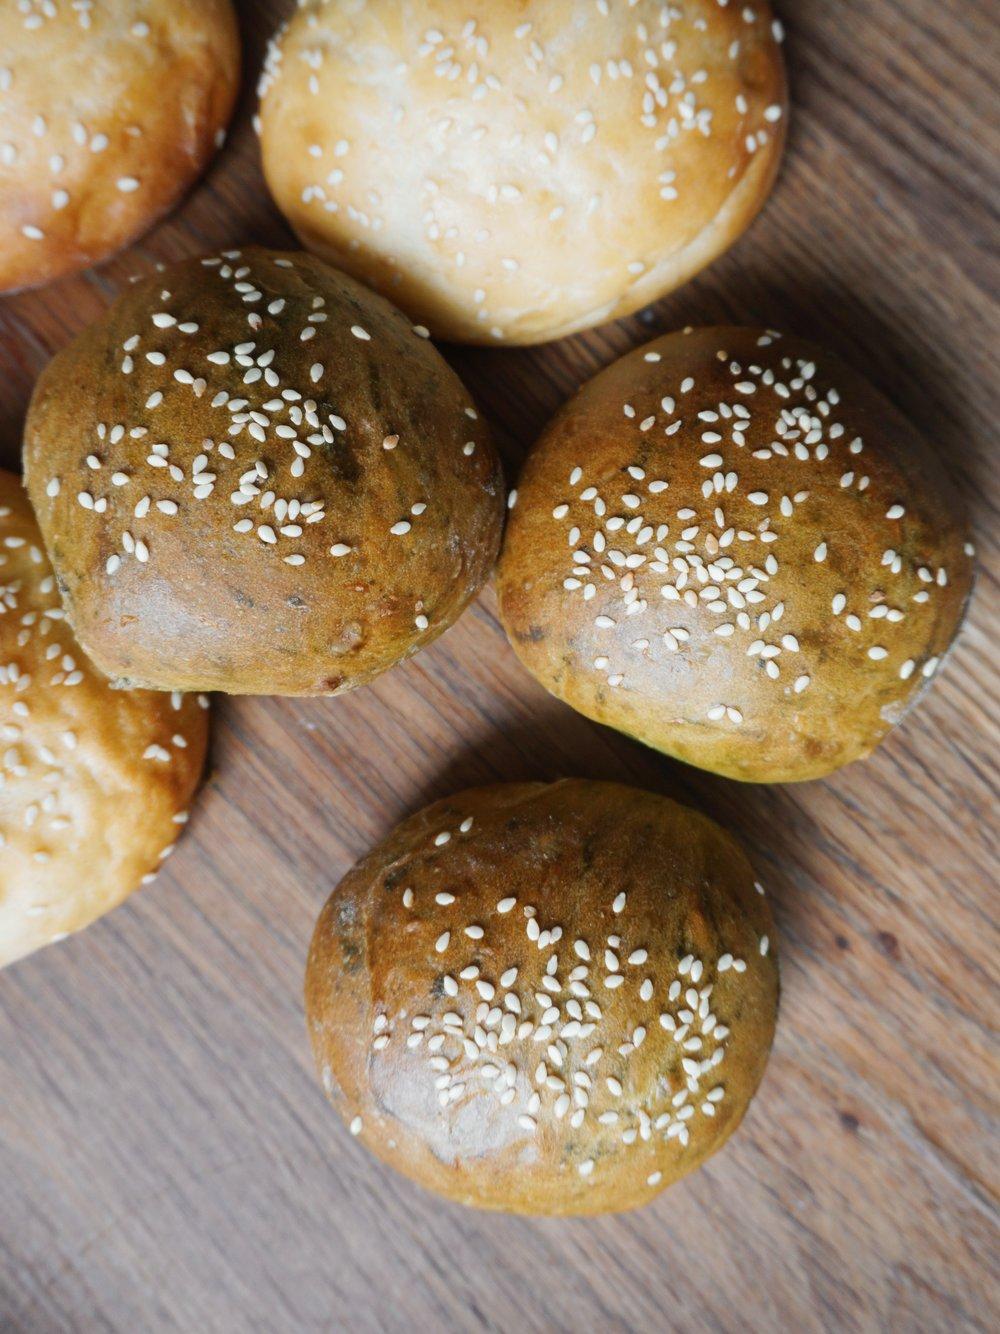 mājās gatavotas burgeru maizītes - kad no rīta slinkums doties uz veikalu pēc maizes, tā jācep pašiem. šoreiz burgermaizītes - mīkstas, gaisīgas, svaigas un gardas.